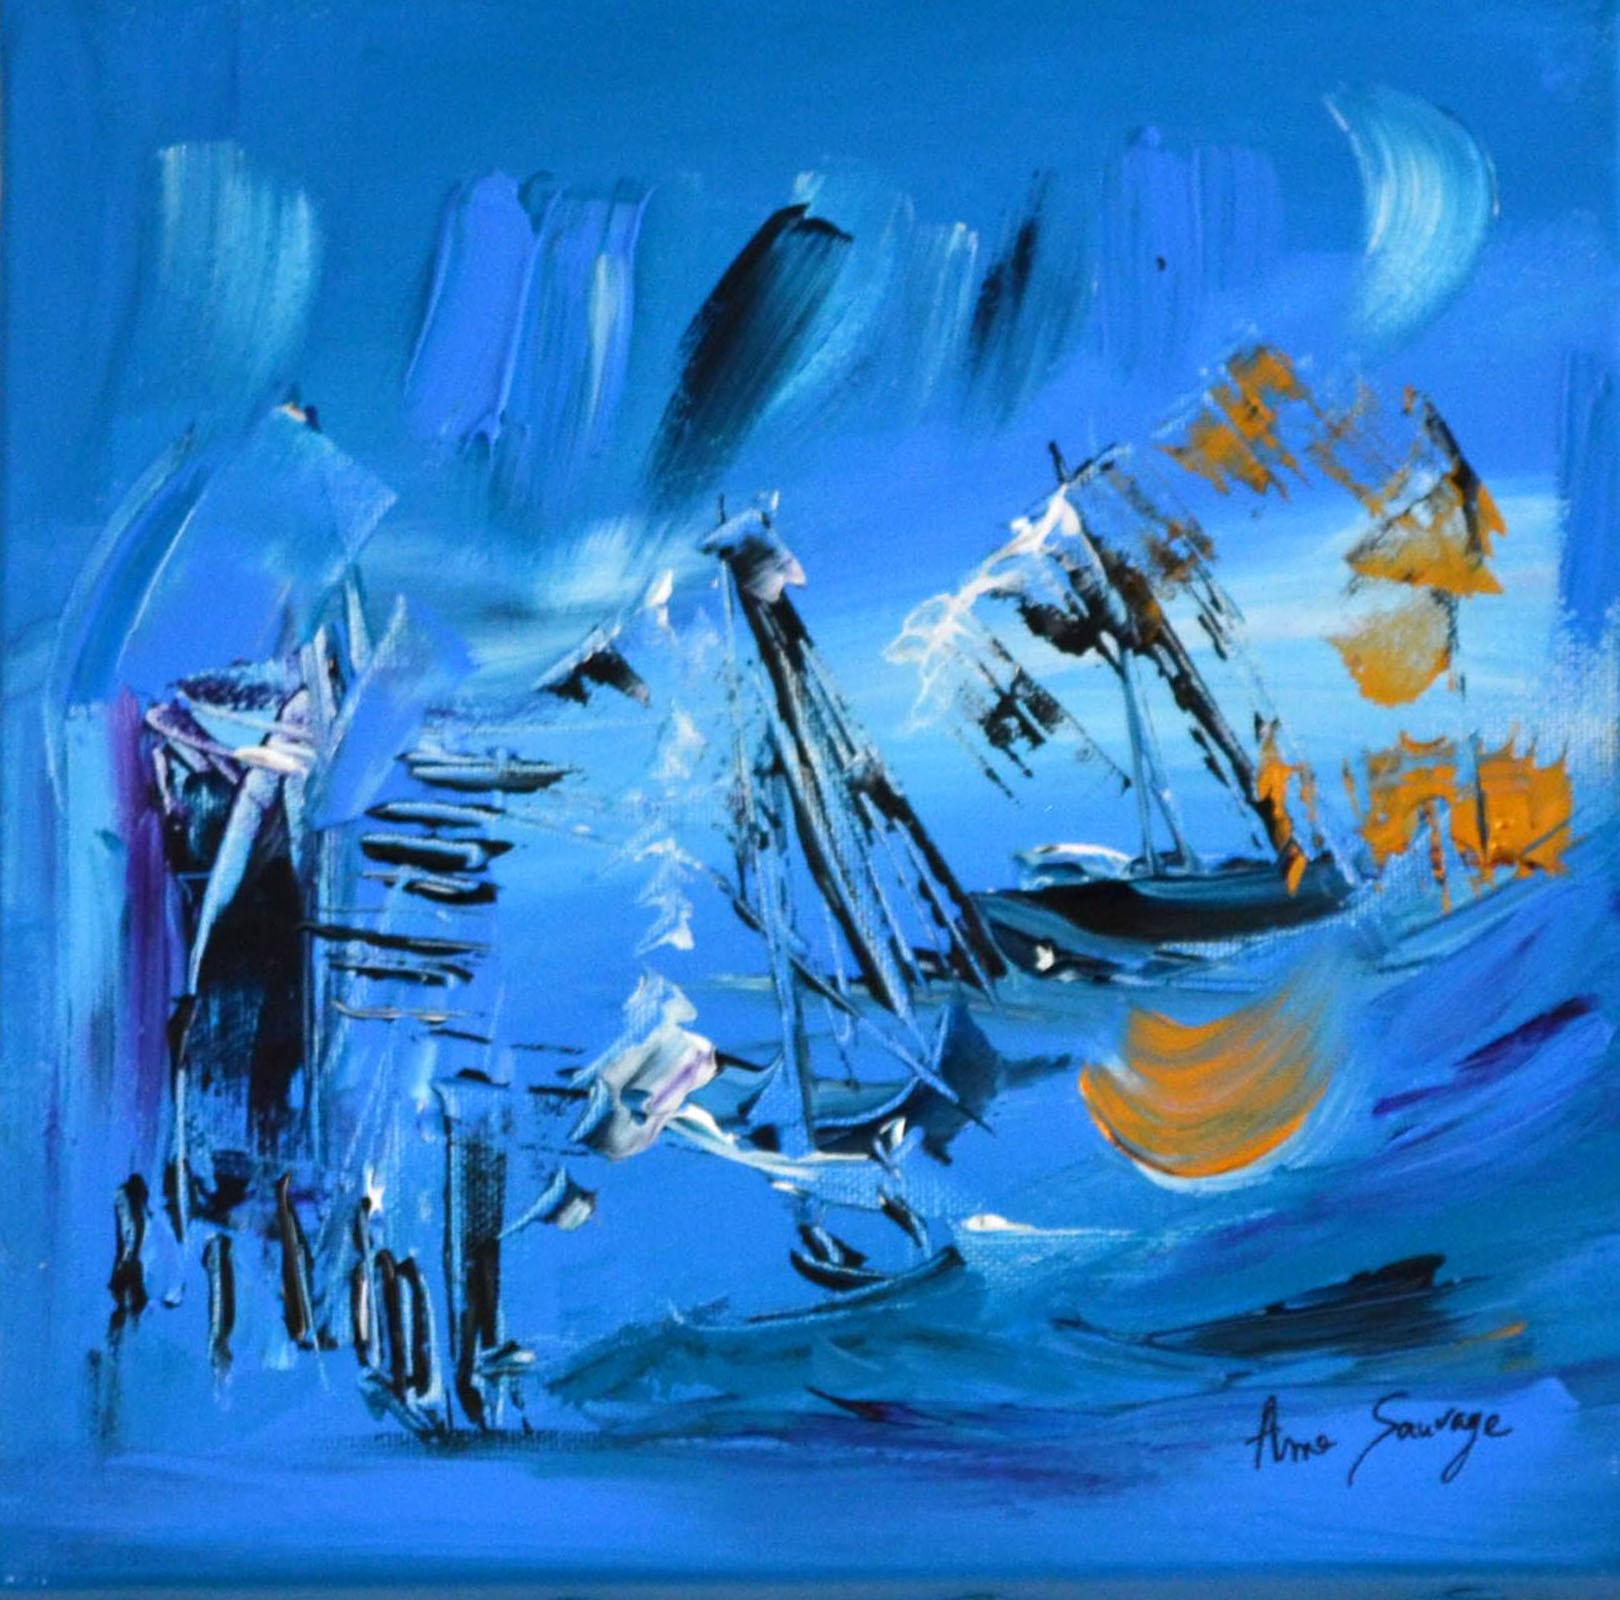 tableau abstrait bleu turquoise